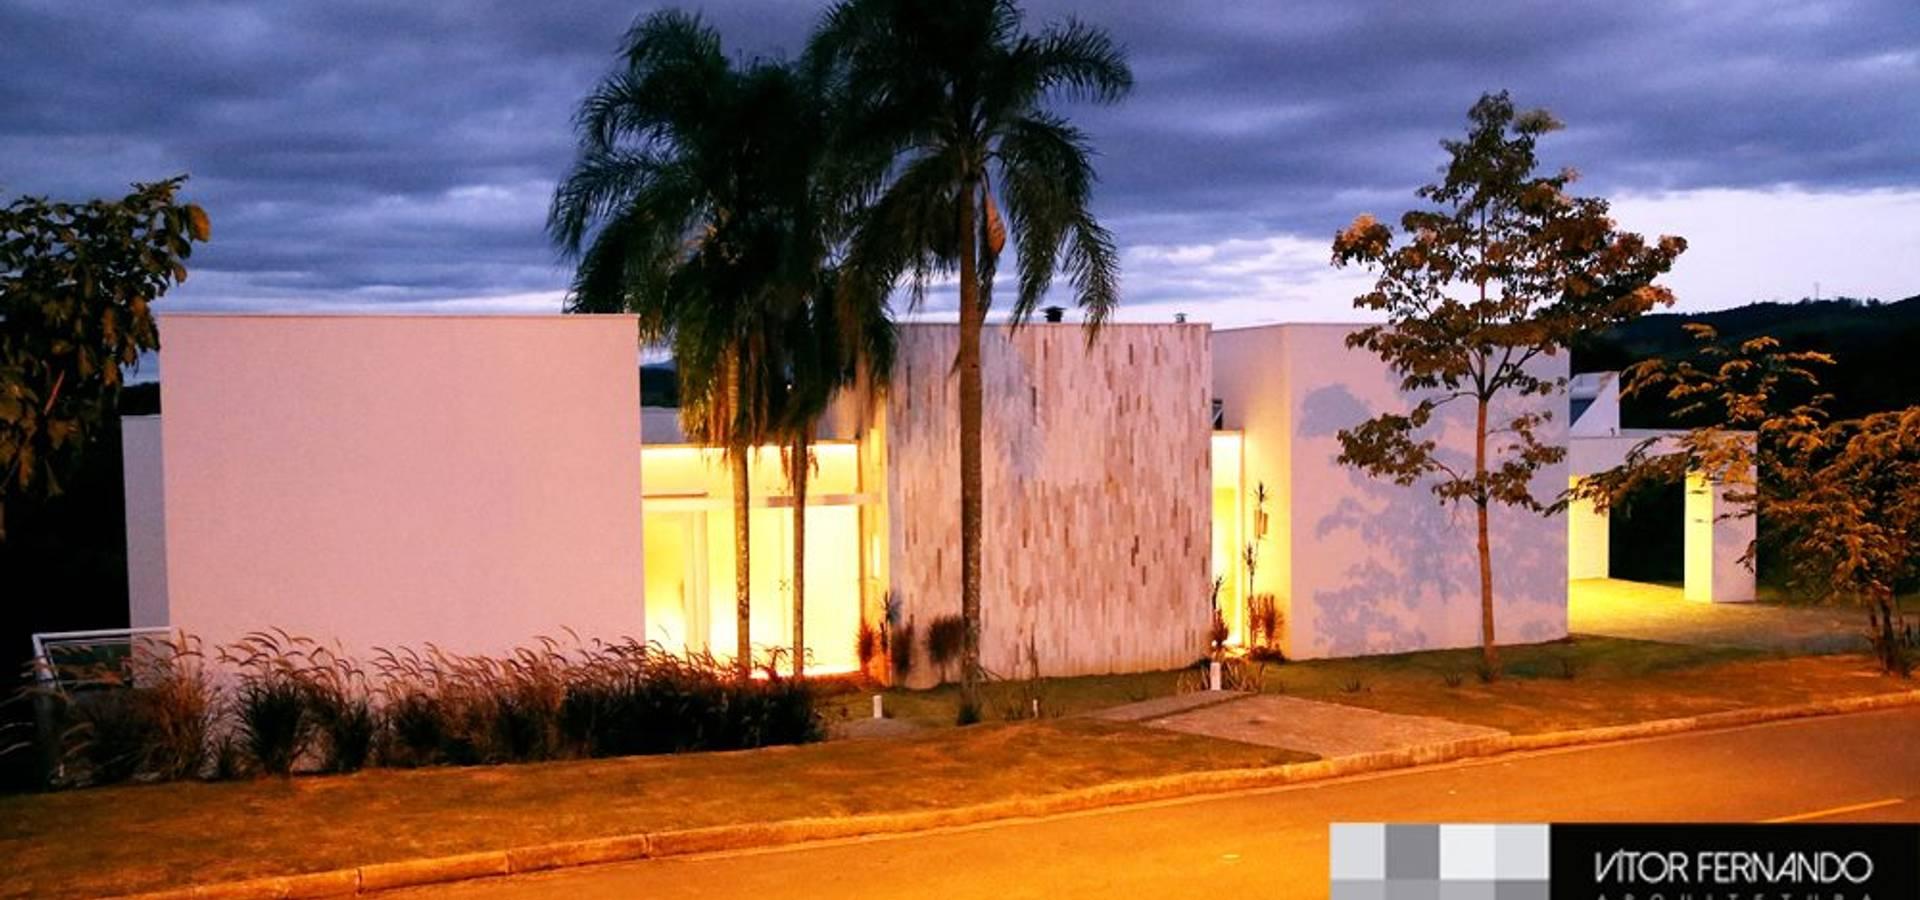 VITOR FERNANDO Architecture